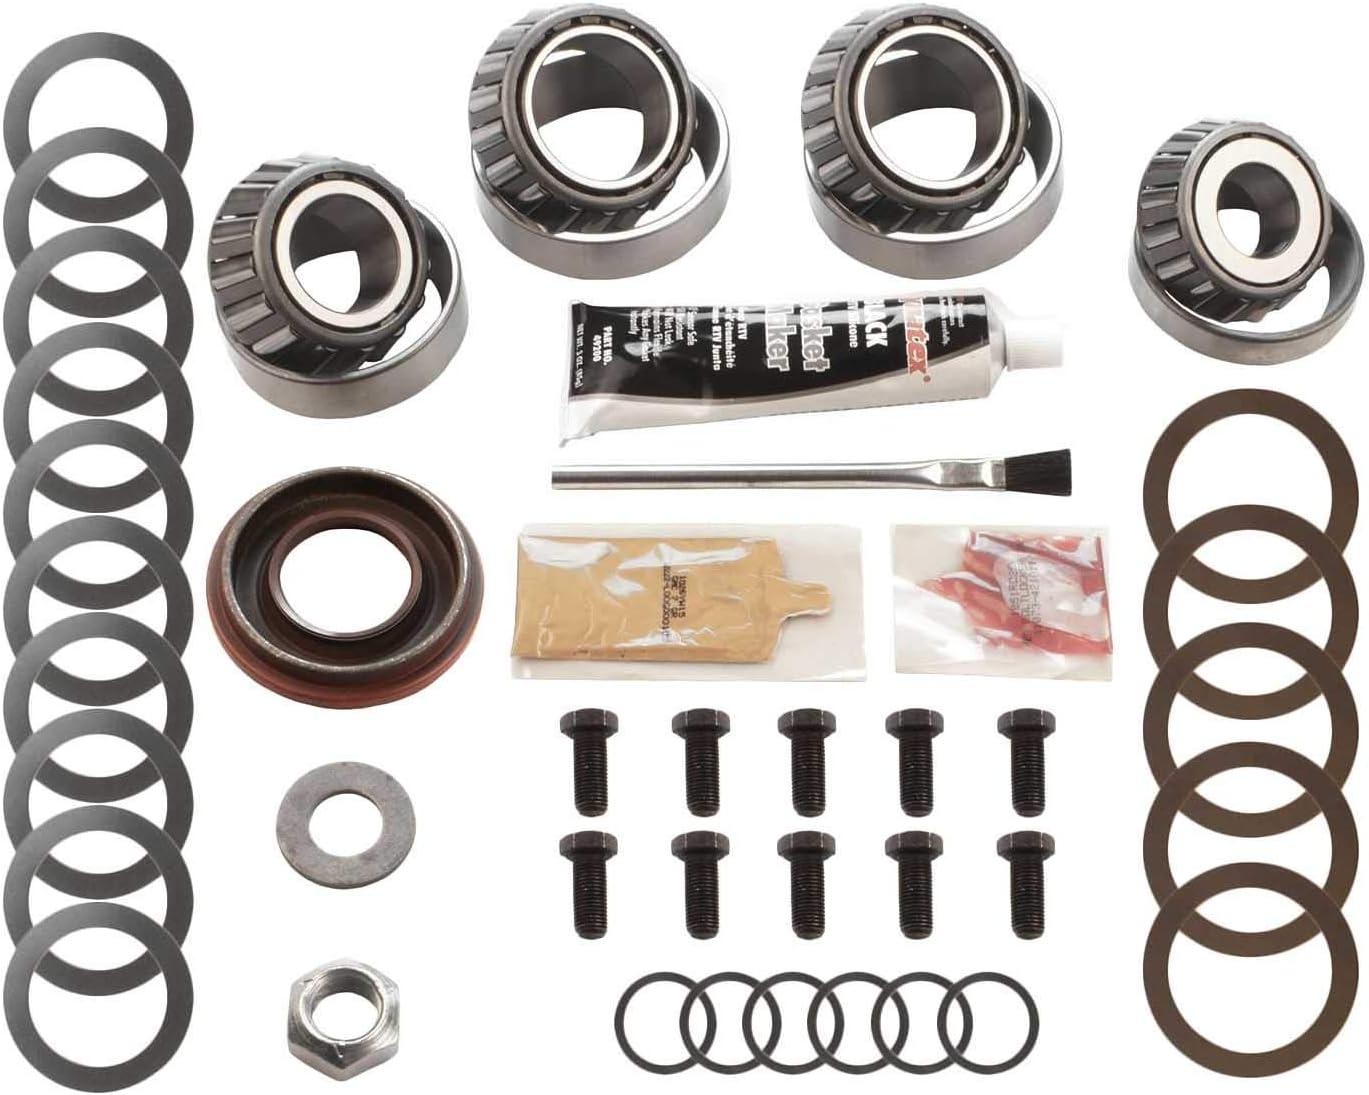 Motive Gear RA28LRMKT 5 popular Master Bearing price Timken Kit Bearings with D